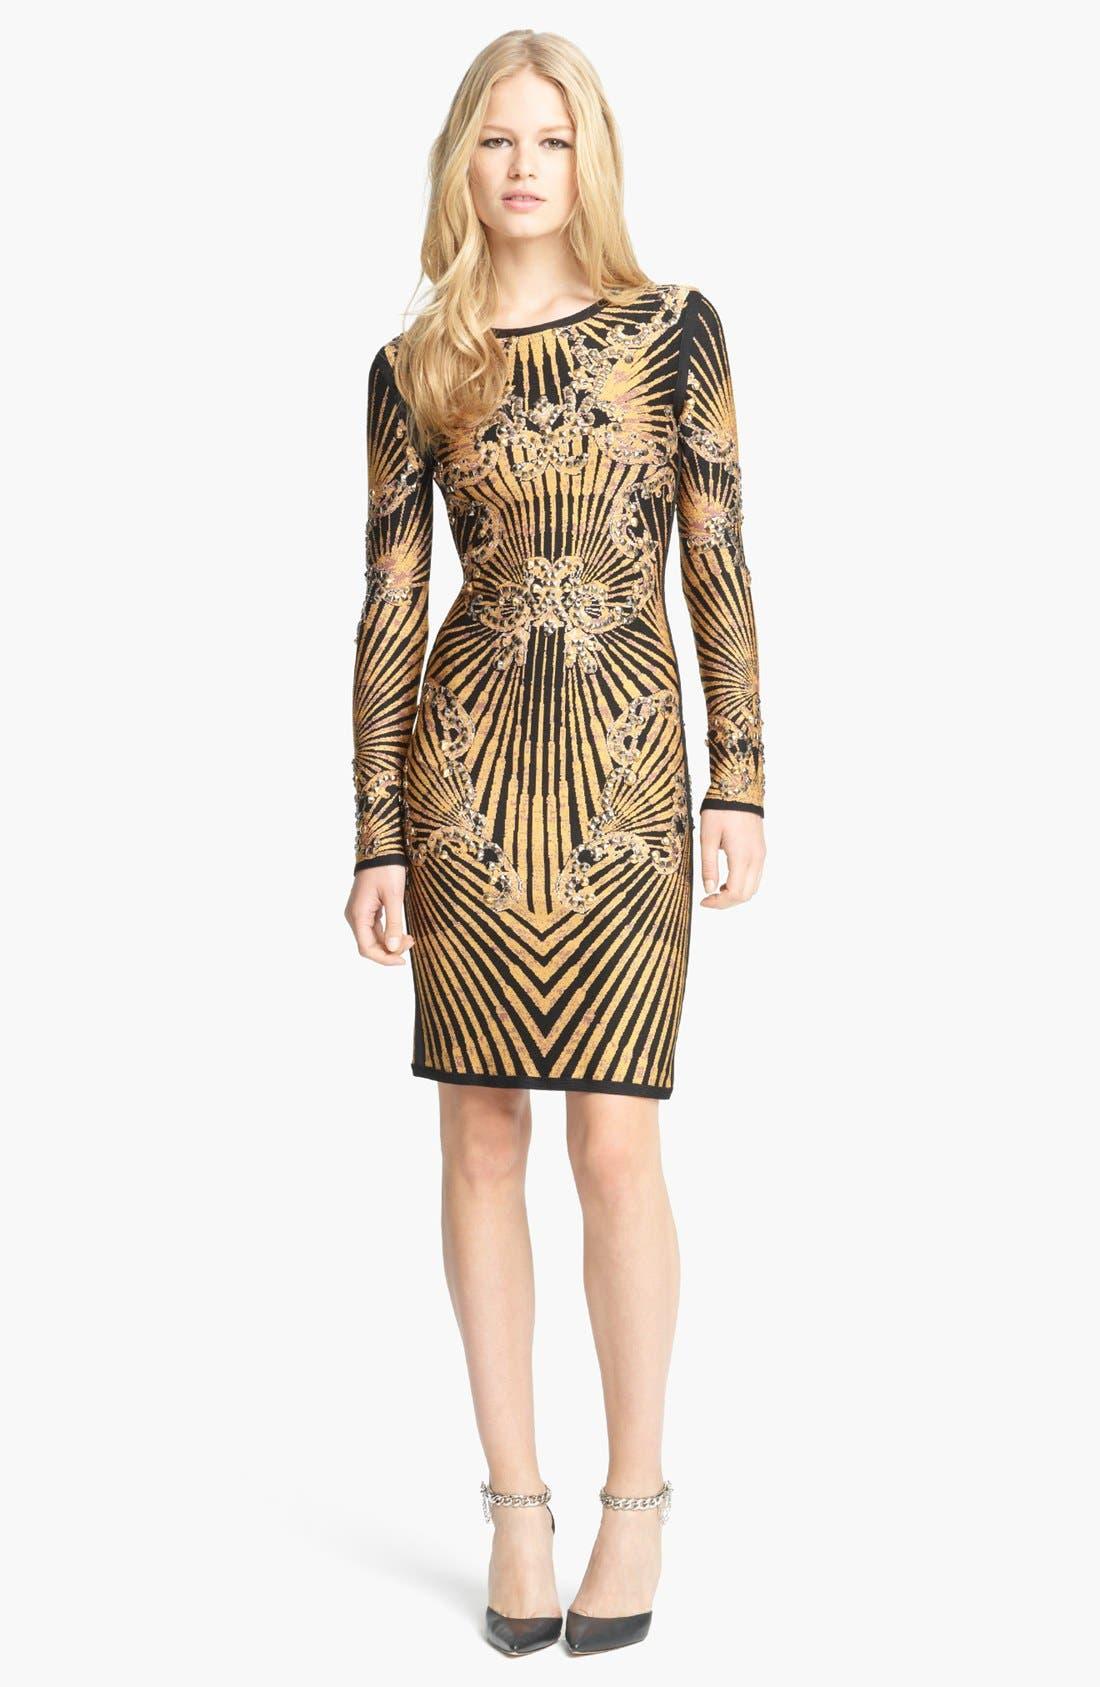 Alternate Image 1 Selected - Herve Leger Studded Knit Dress